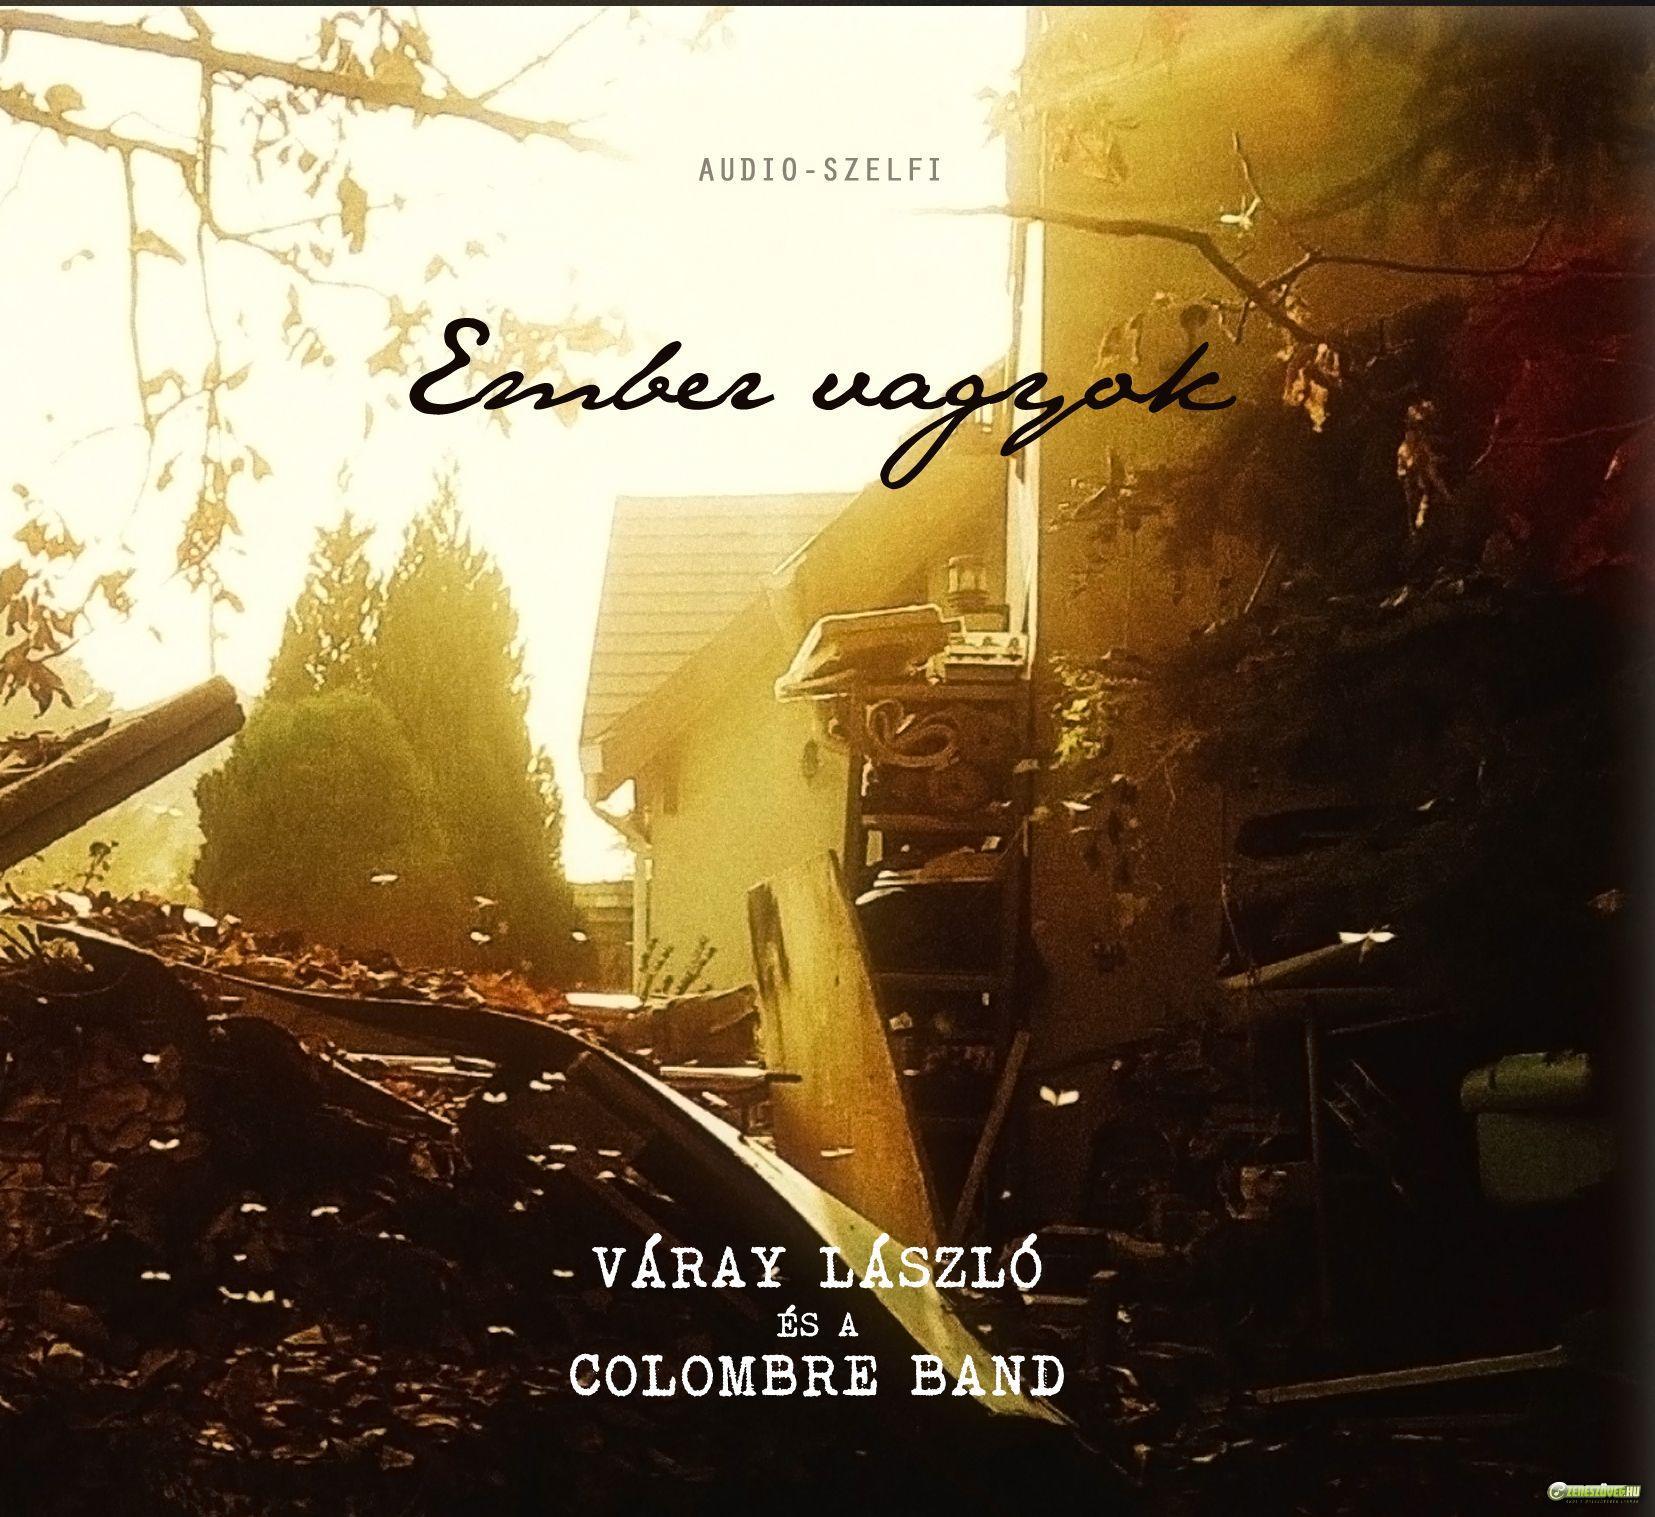 Colombre Band Ember vagyok – Audio-szelfi